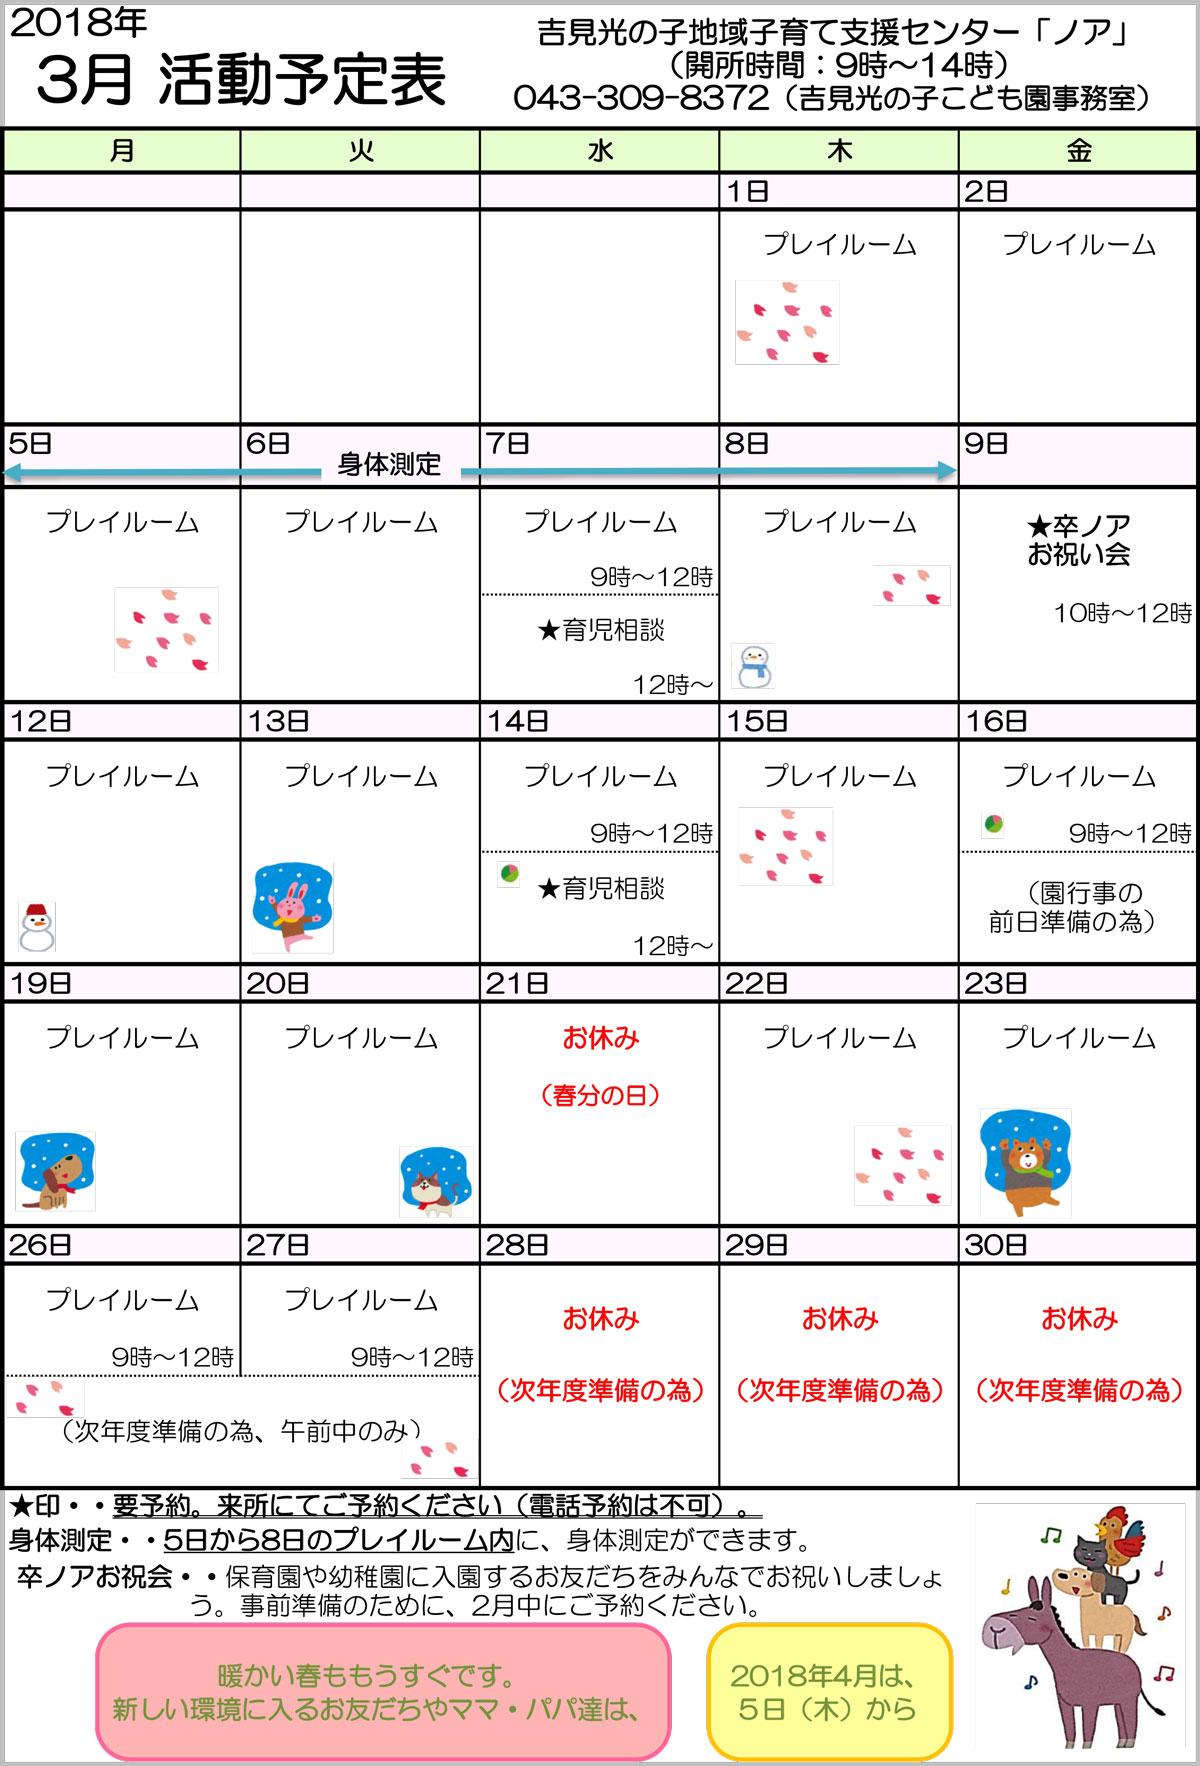 3月ノア活動予定表